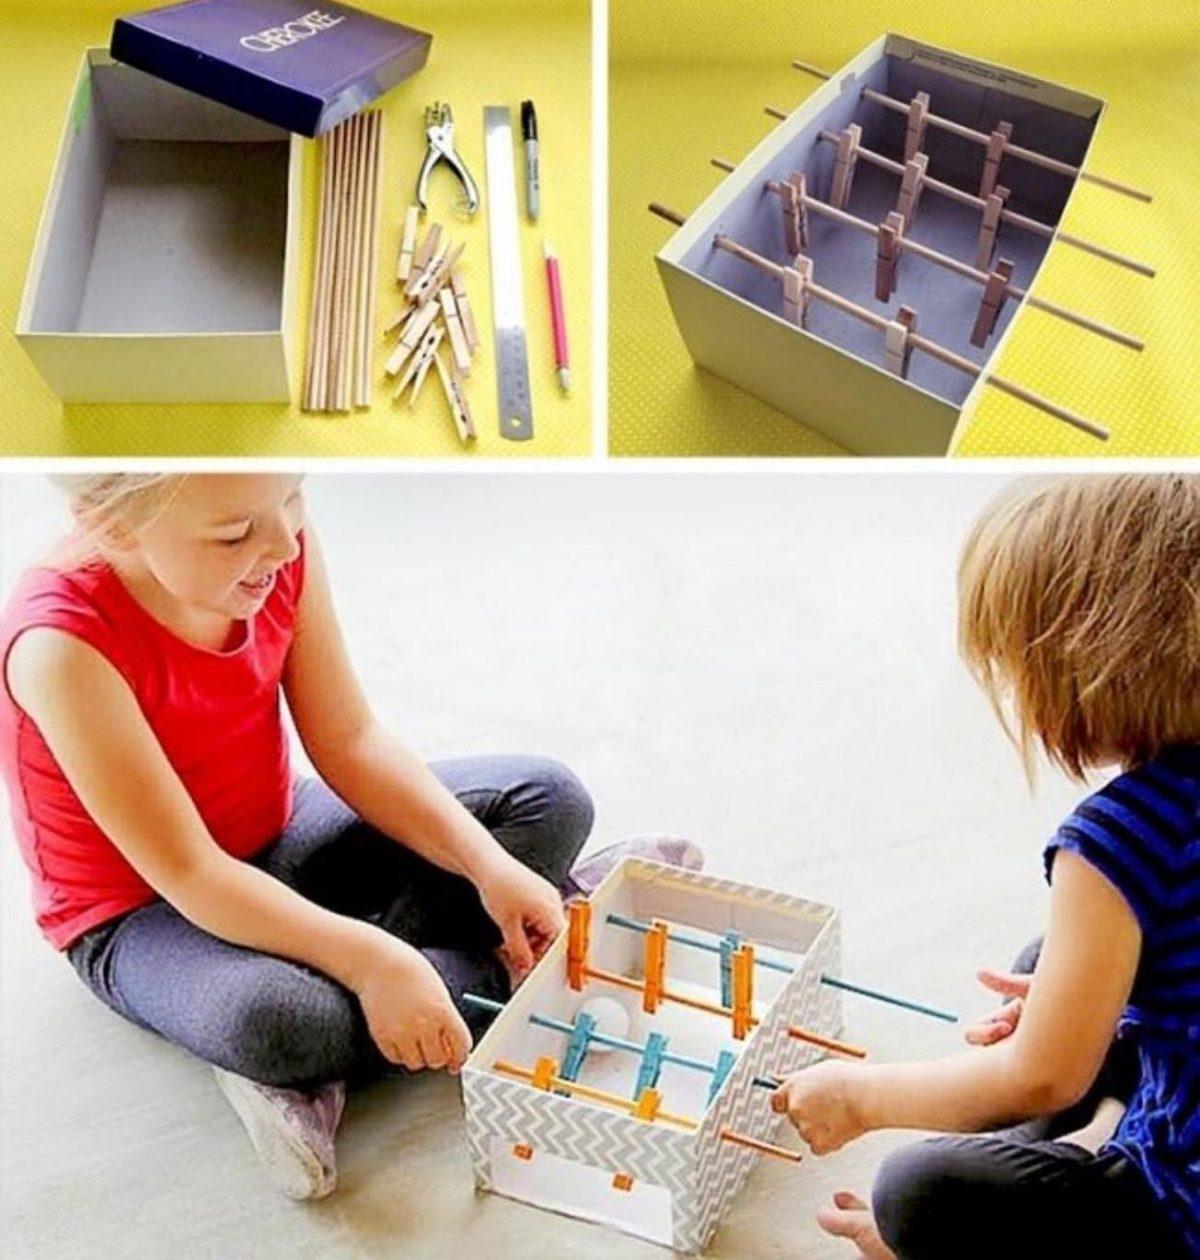 ألعاب أطفال تعليمية مميزة ومفيدة